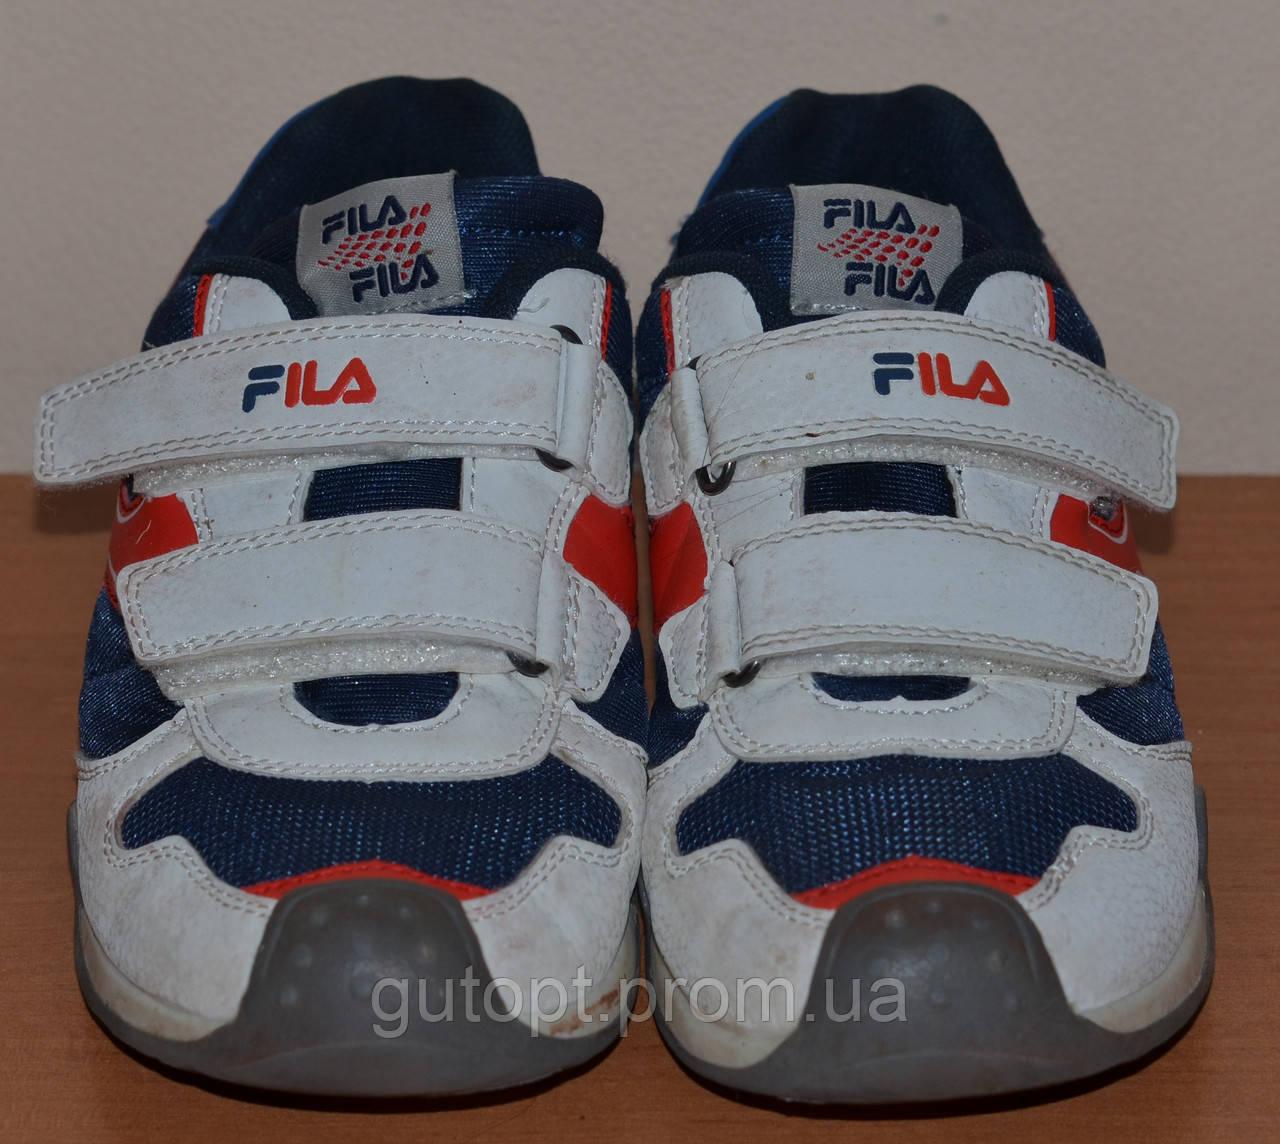 кроссовки женские мужские ( унисекс) Fild б   у из германии -  интернет-магазин 6dbdea61247